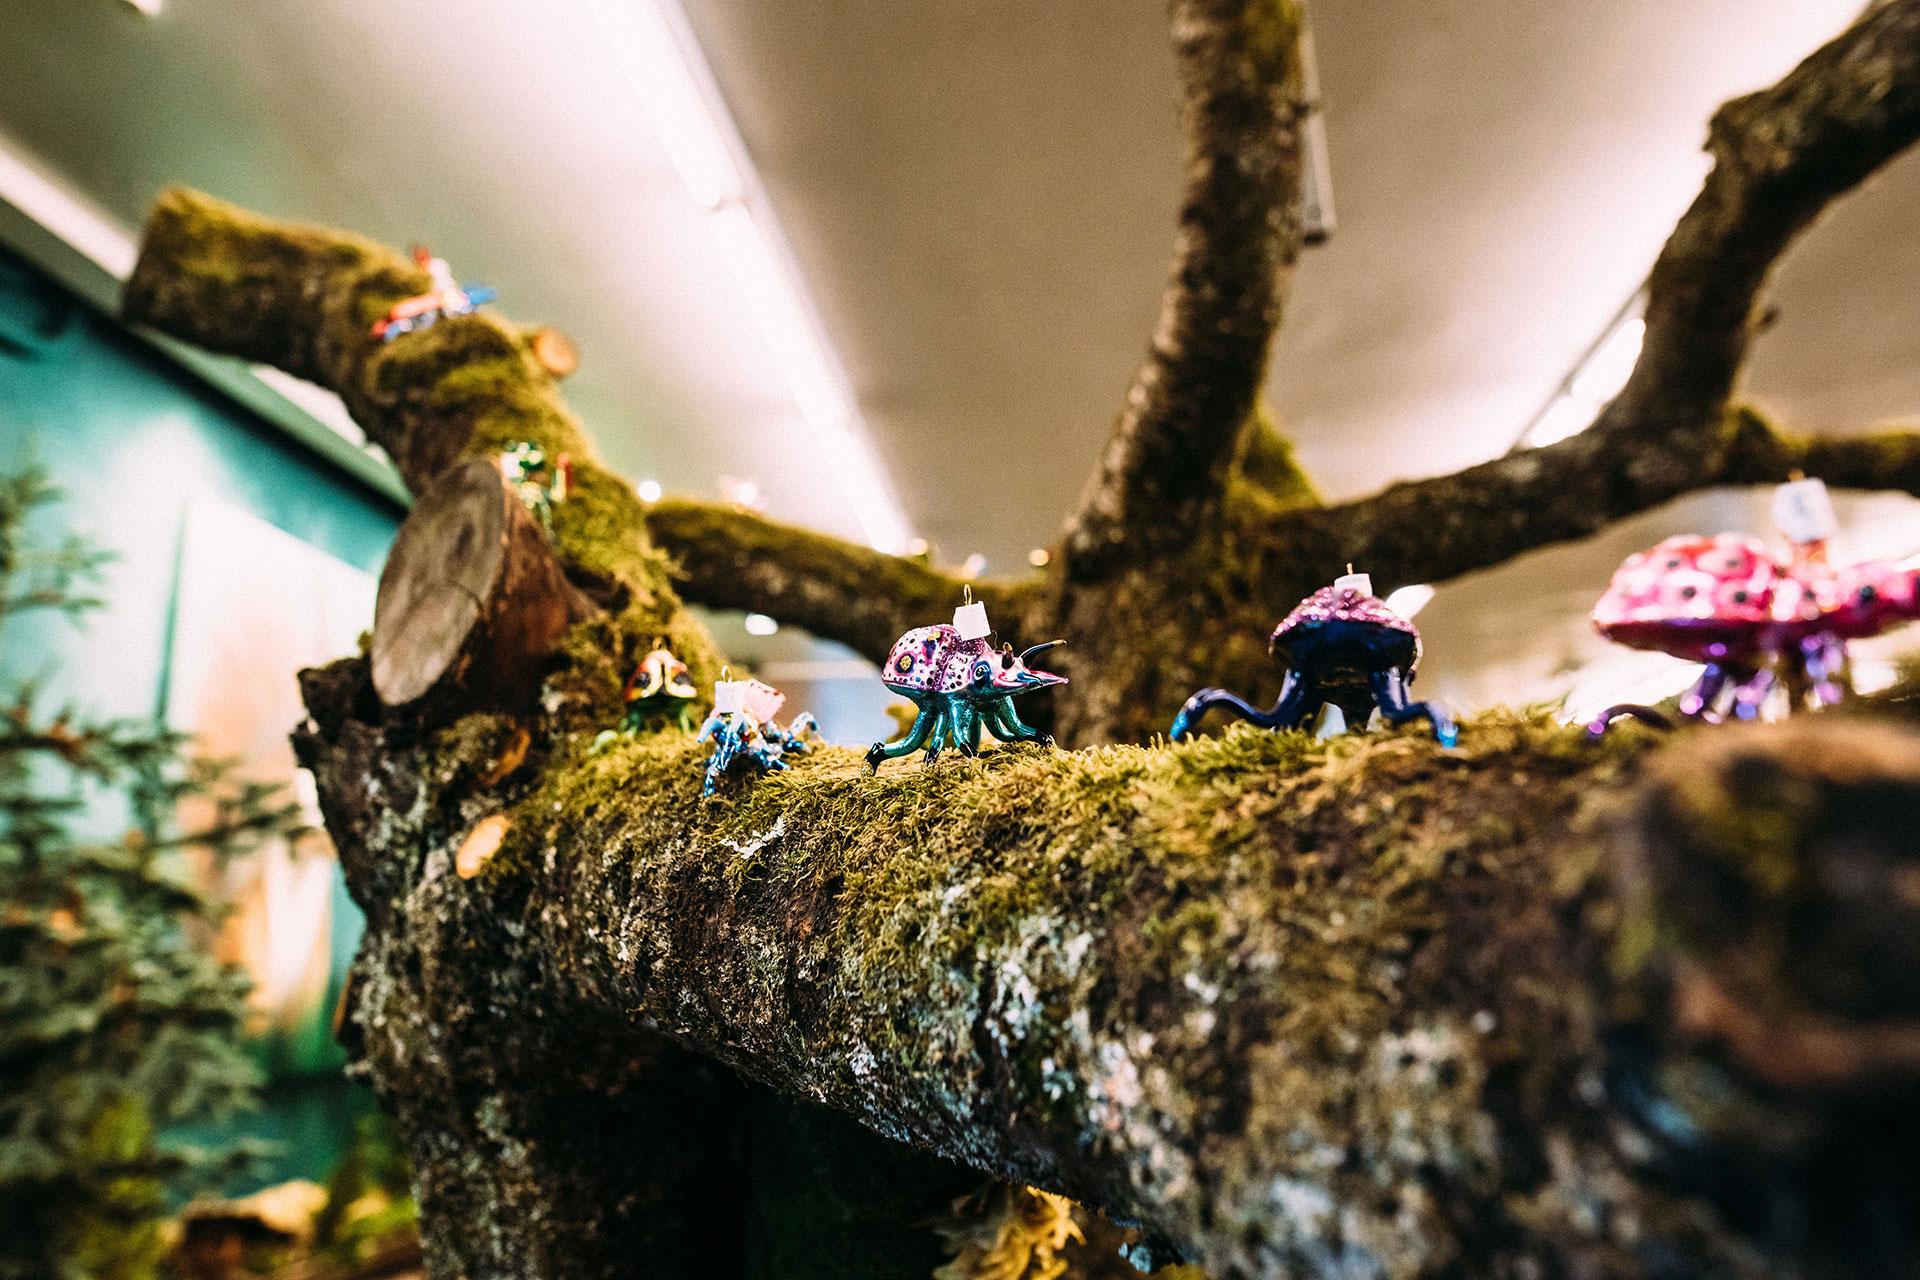 Käferfiguren